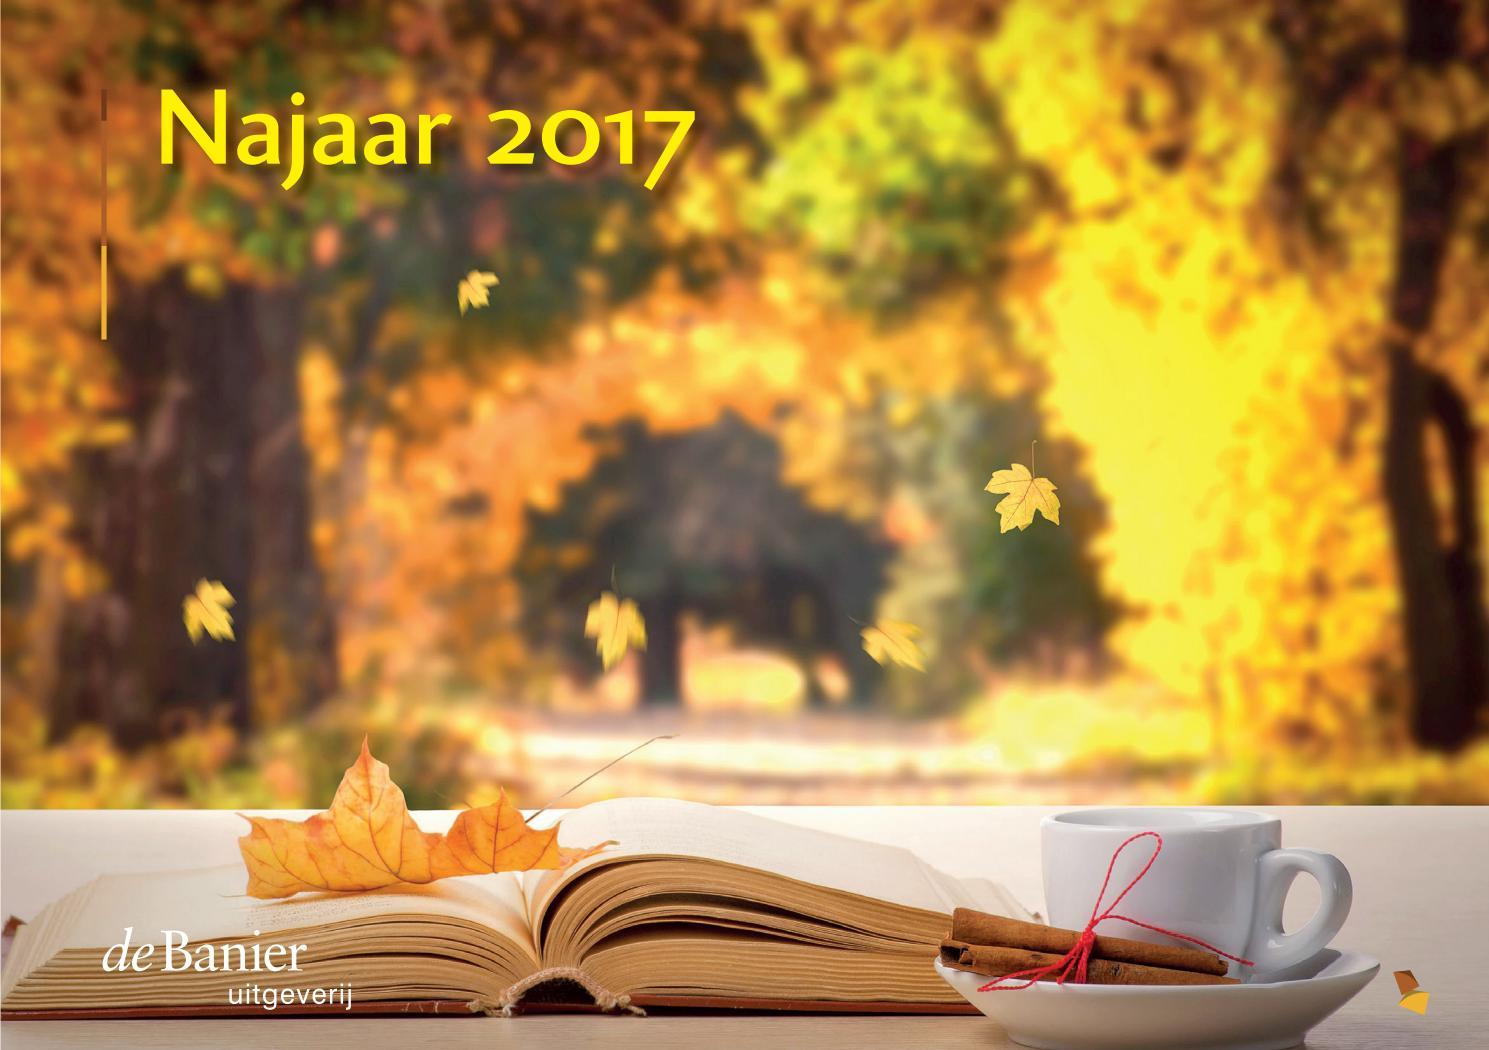 Dorcas Schuur Aagtekerke : Najaarscatalogus 2017 by erdee media groep issuu